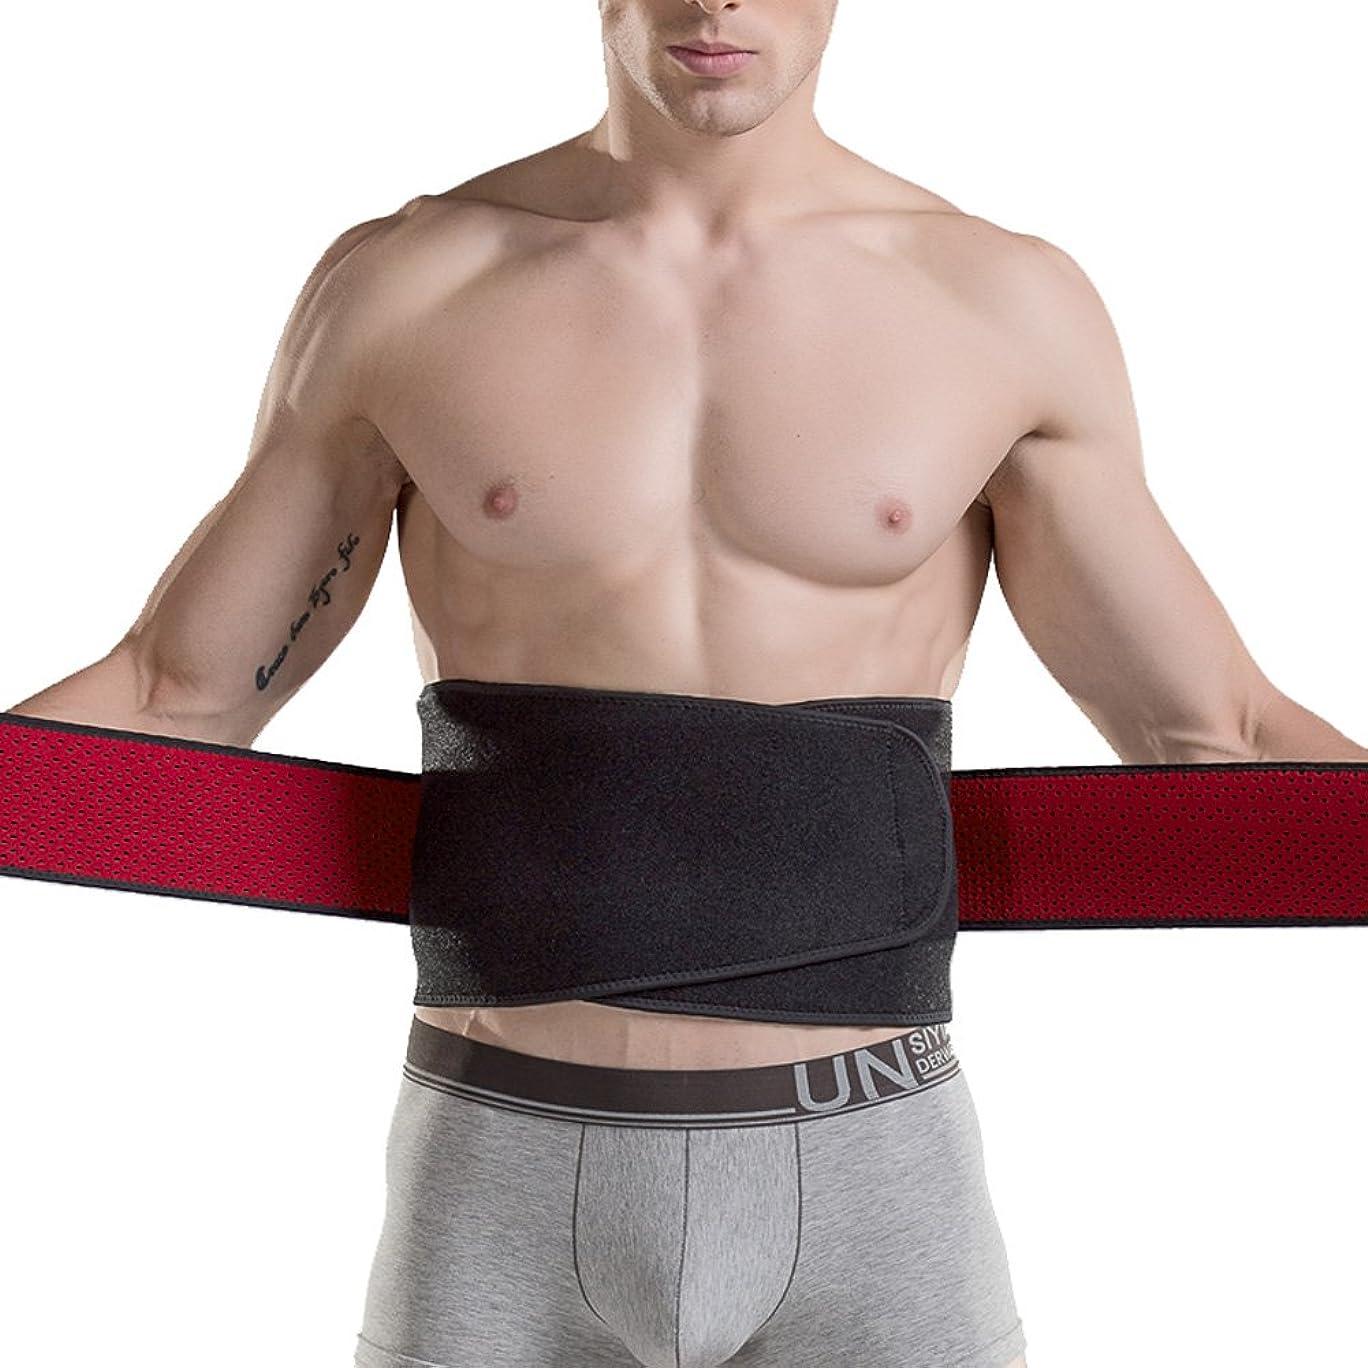 収束意志に反する主導権[RSWHYY] メンズ ウエストサポーター 二重加圧 腹巻 調節可 ケガ防止 腰痛緩和 ジム フィットネス